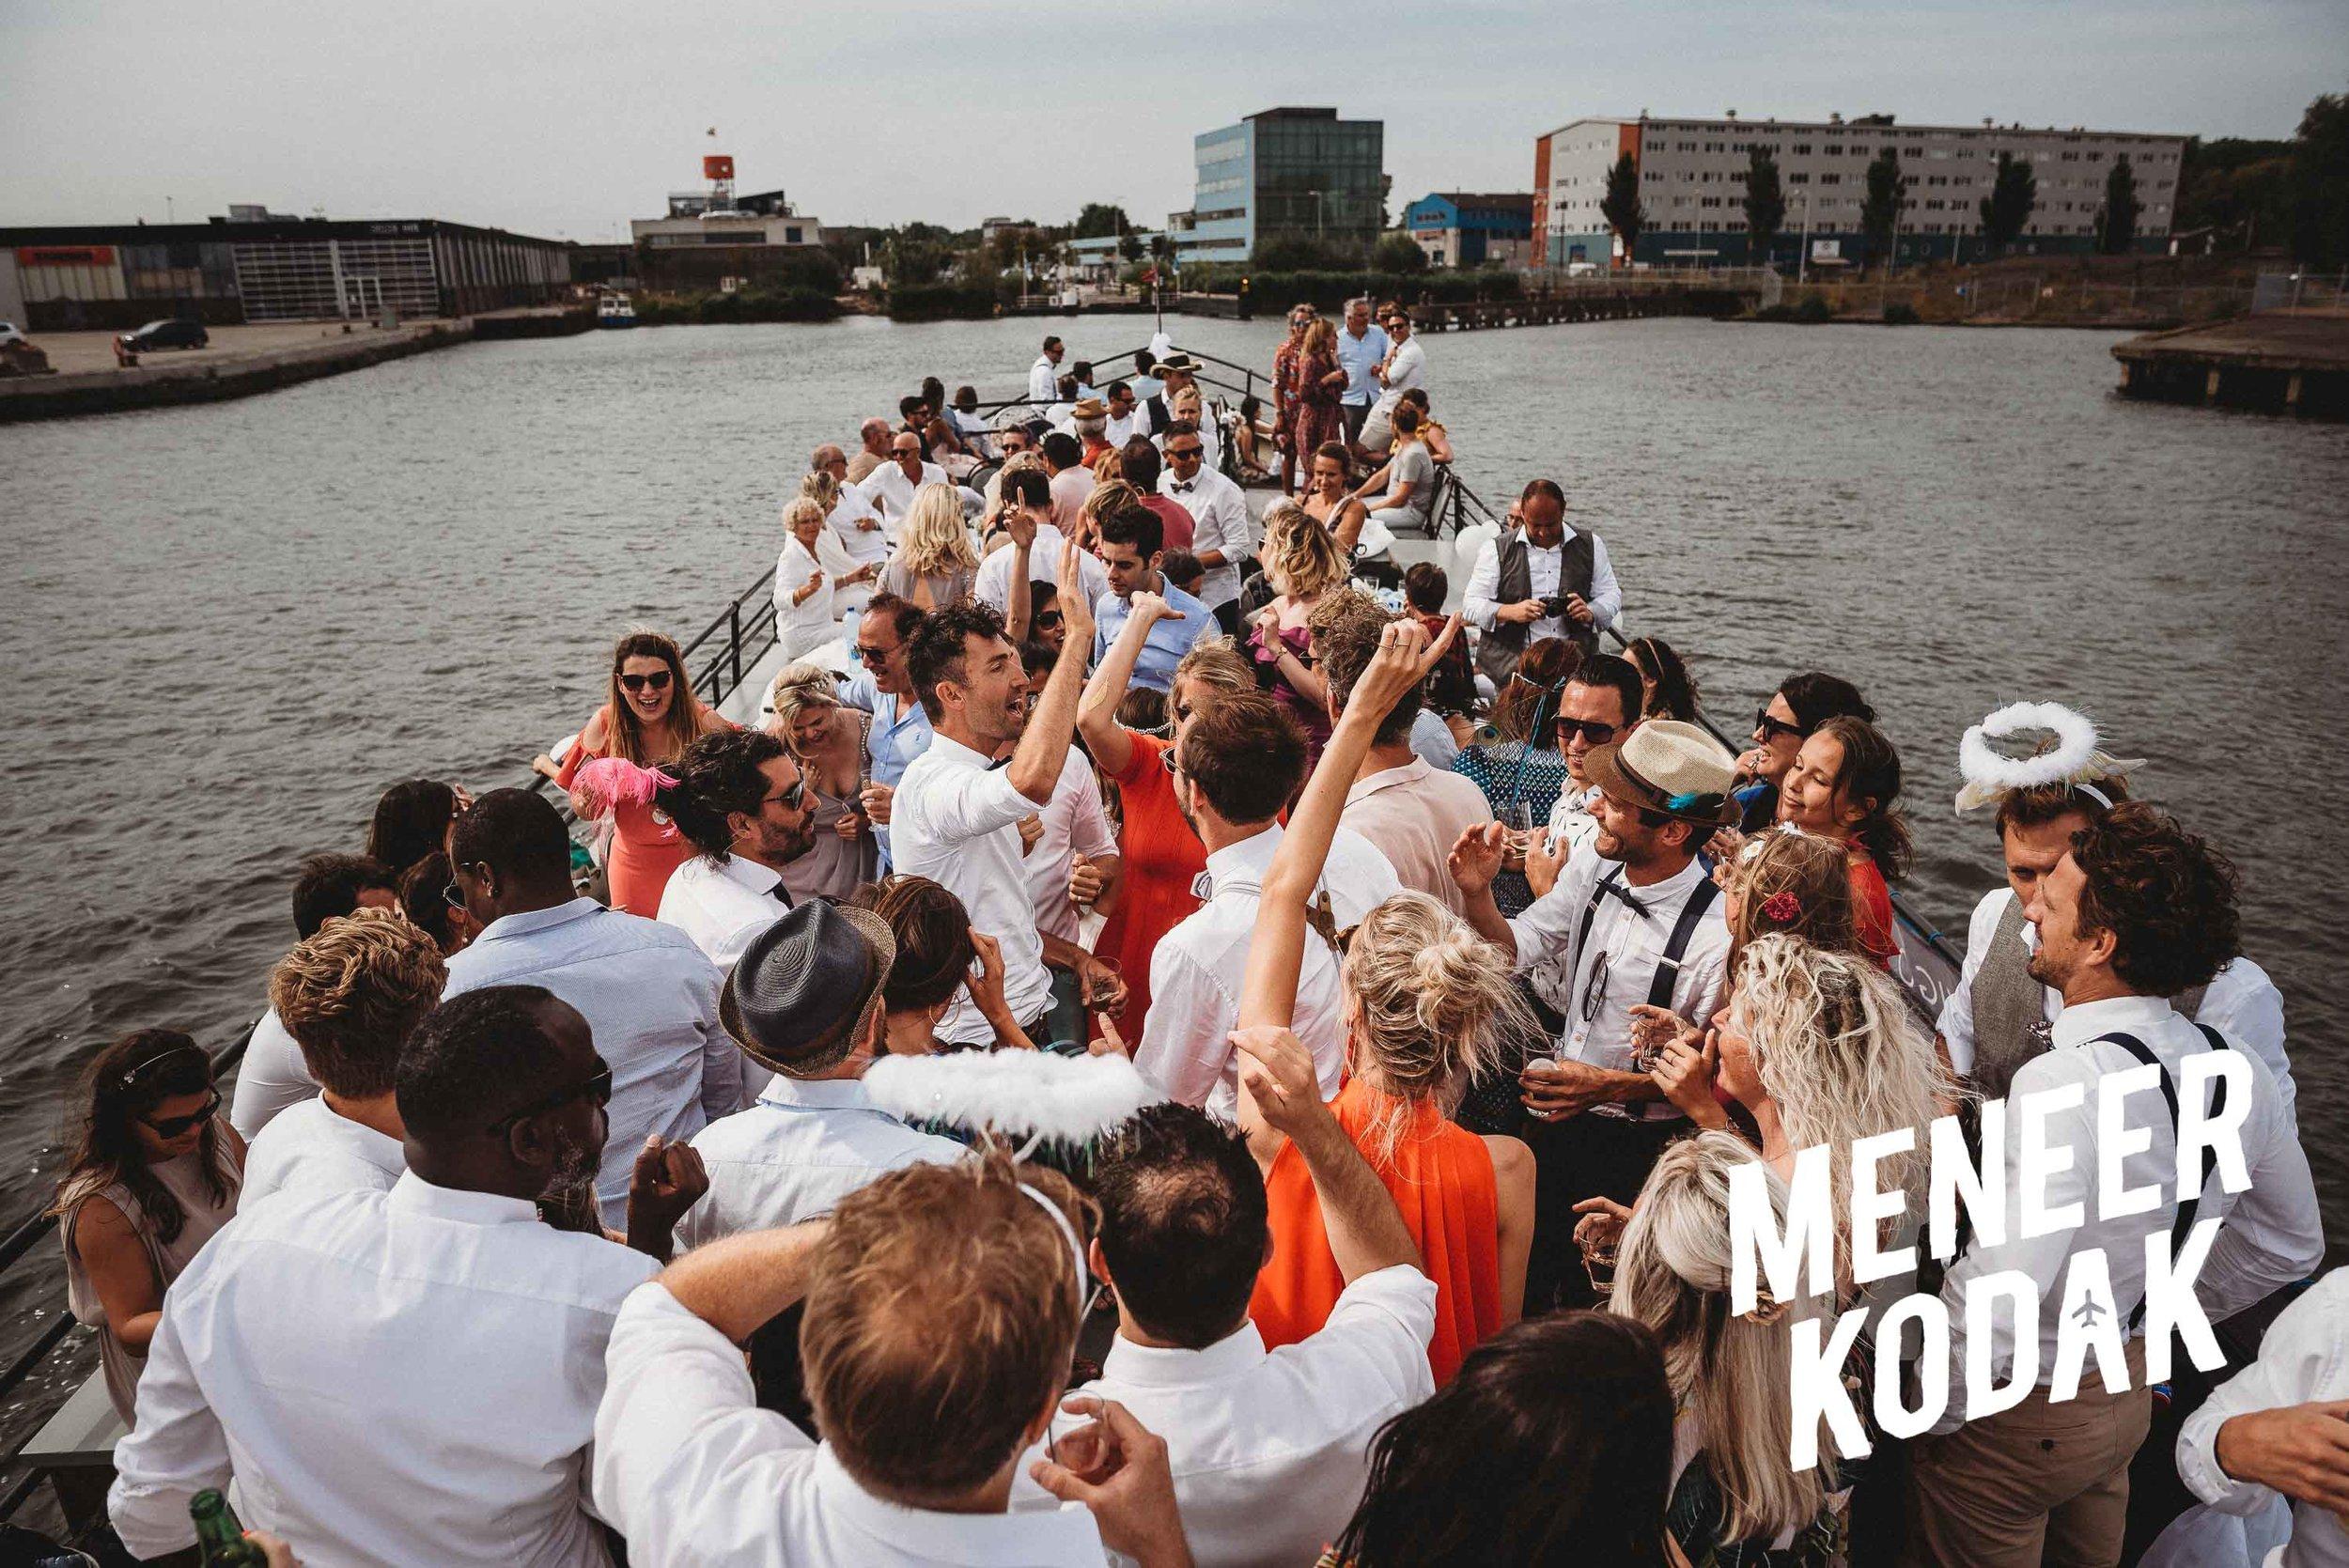 Meneer Kodak - Trouwfotograaf - Amsterdam - H&T-091.jpg